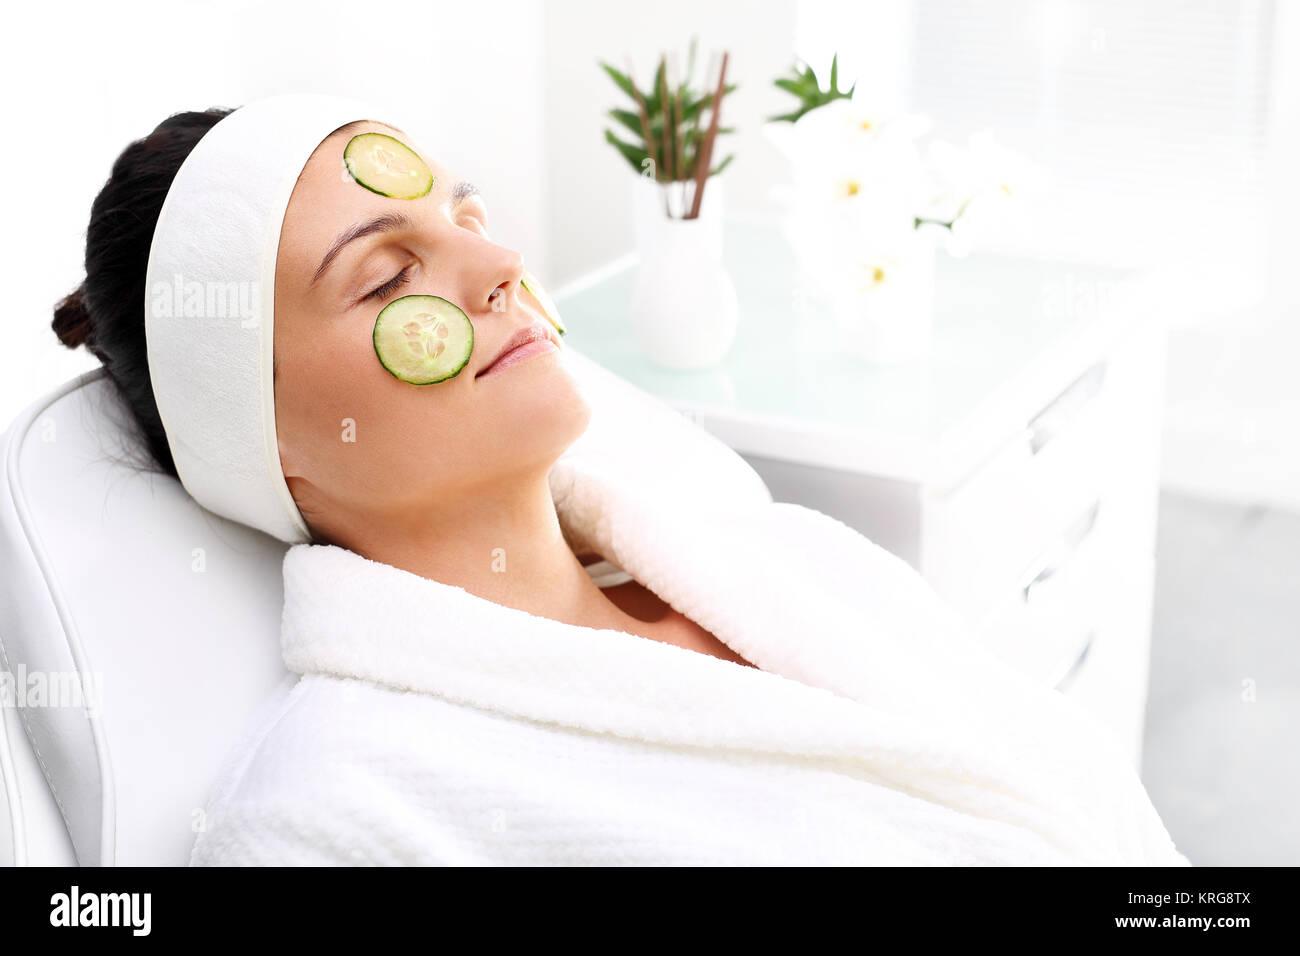 Máscara de pepino. Tratamiento para el cuidado de la piel en el salón de belleza Imagen De Stock